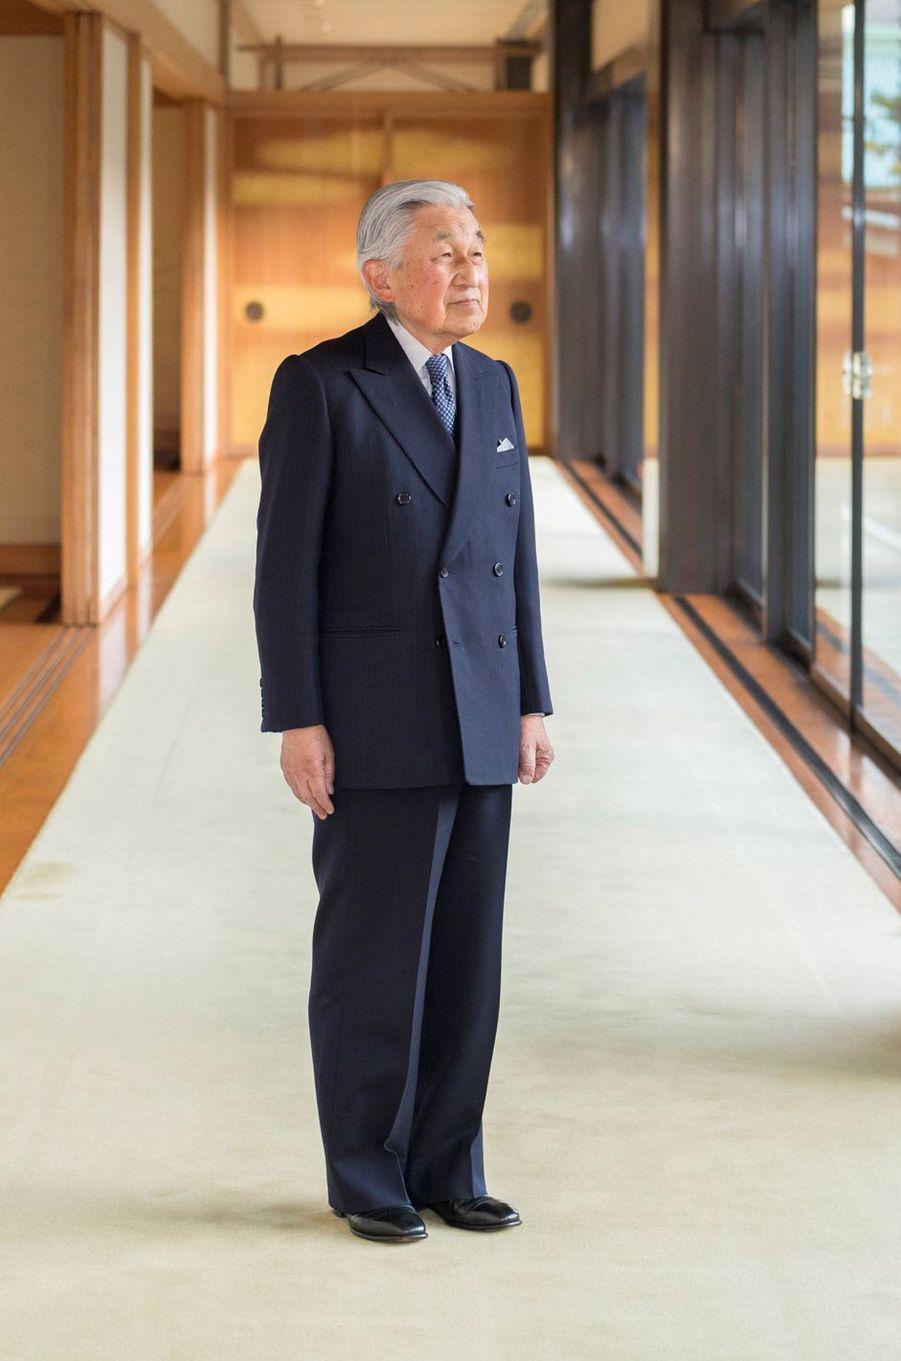 L'empereur Akihito du Japon à Tokyo, le 10 décembre 2018. Photo diffusée pour ses 85 ans le 23 décembre 2018